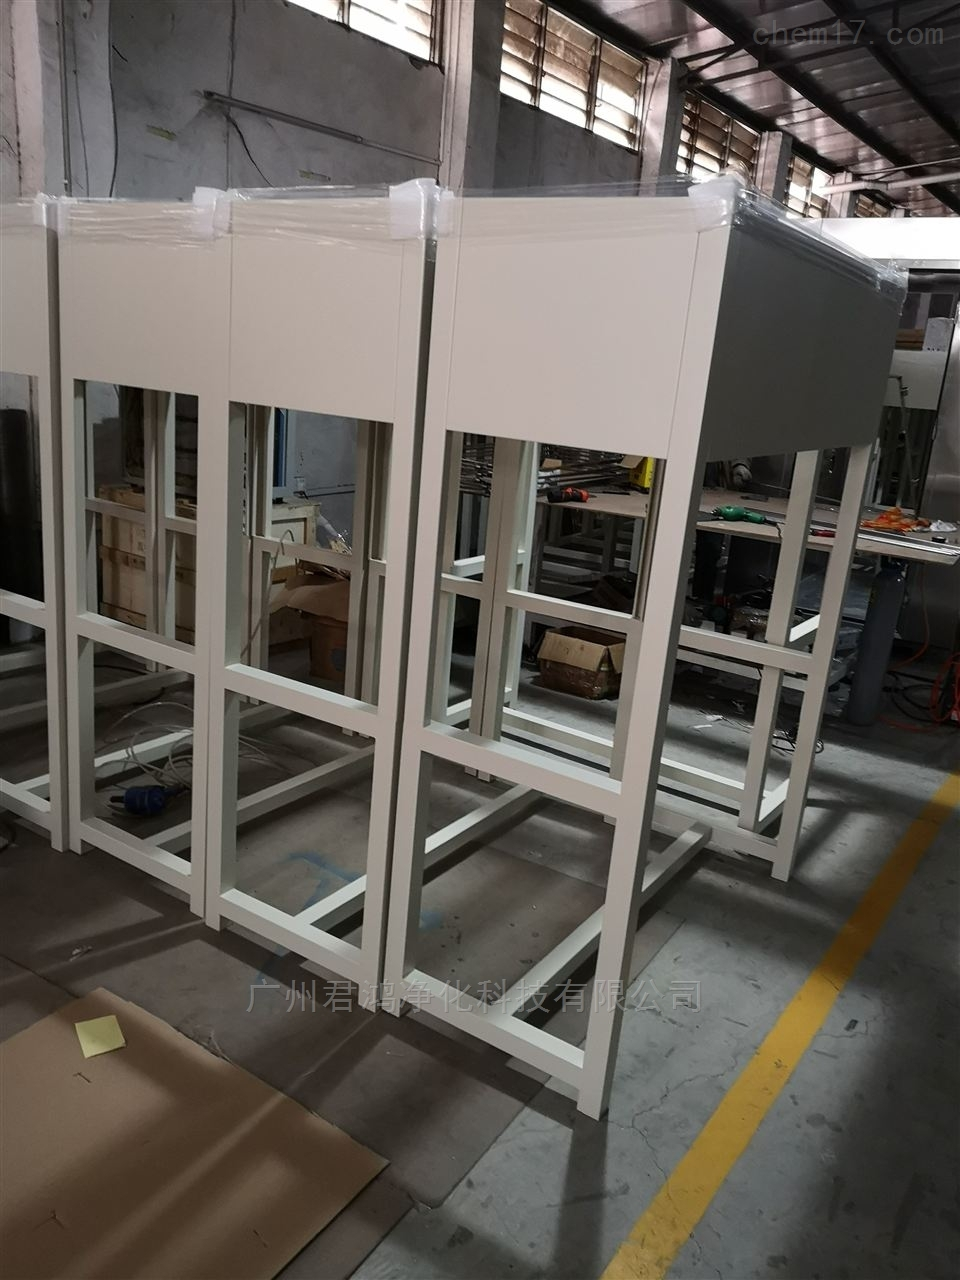 标准款单人单面操作垂直流超净工作台